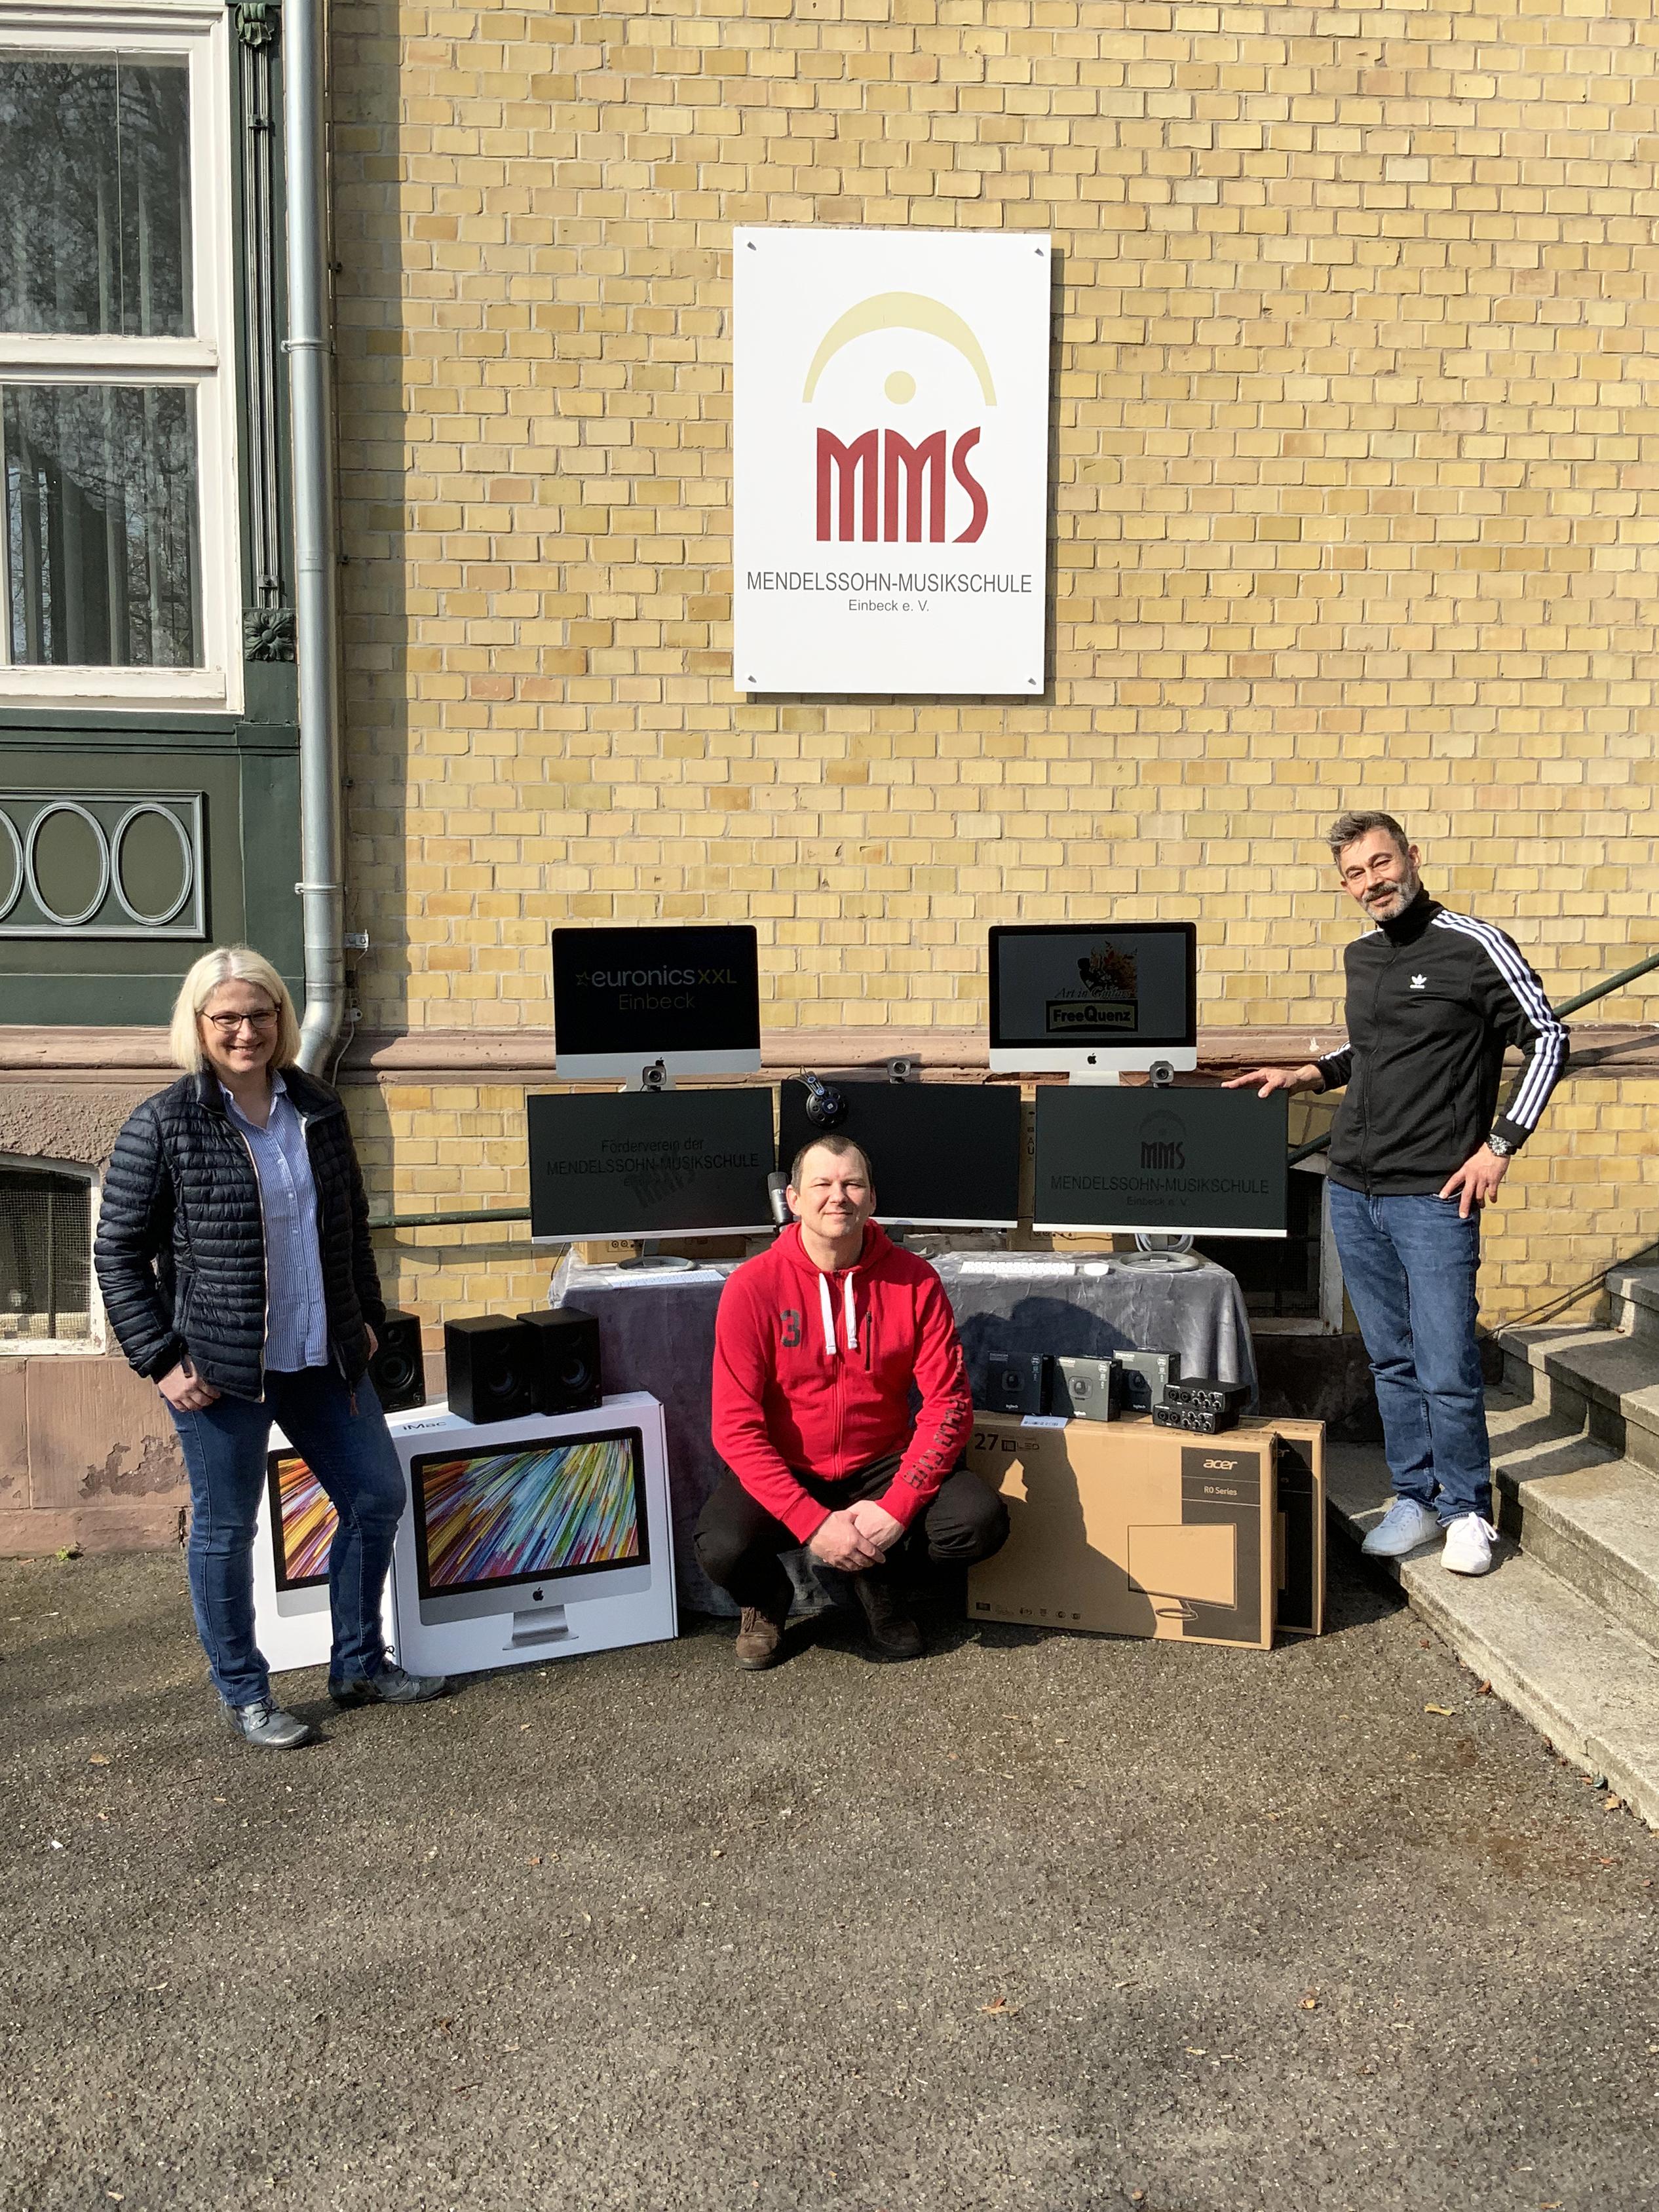 Neues Medien-Equipment für die MMS